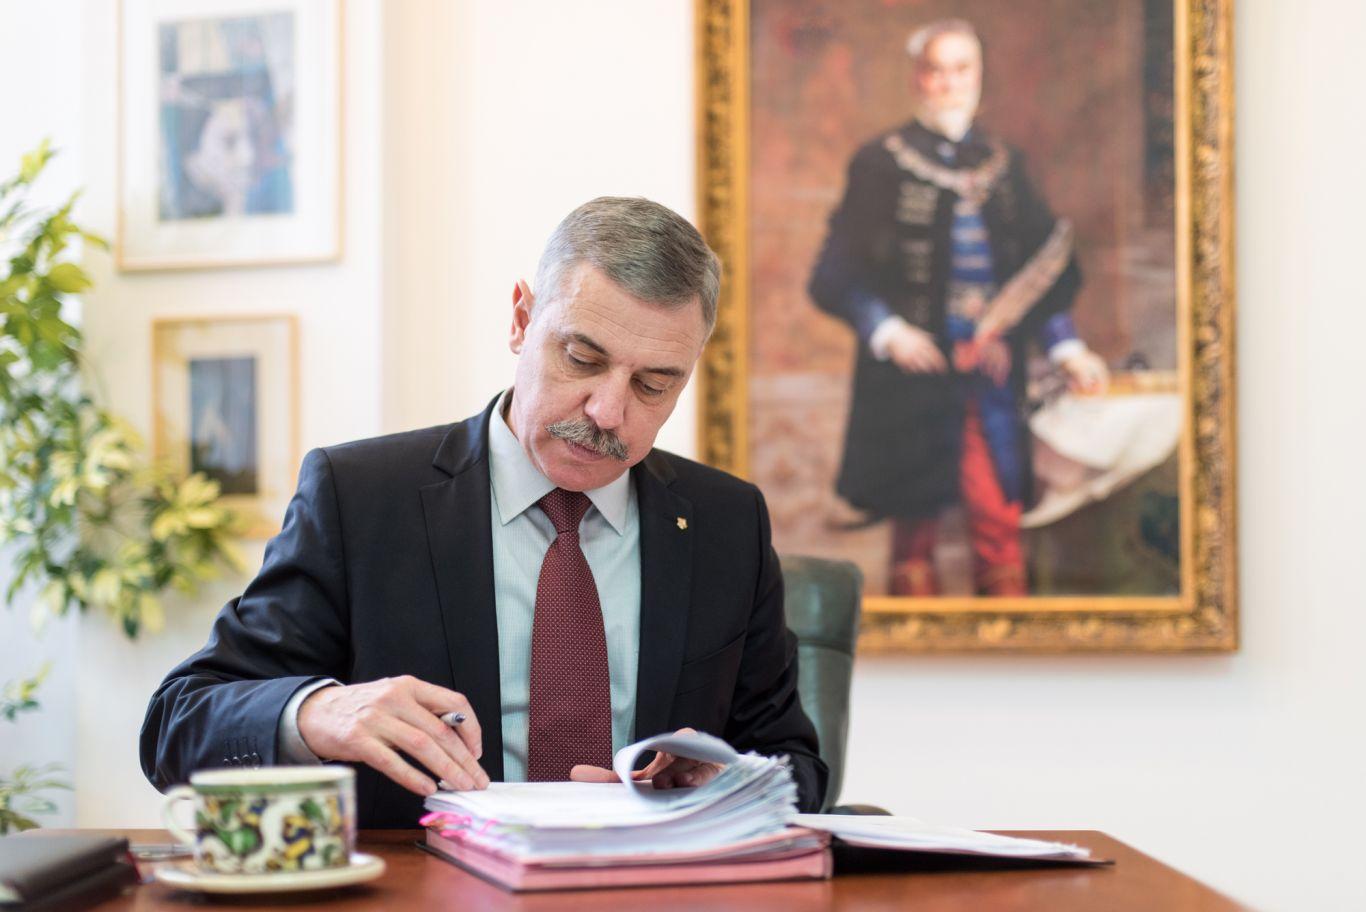 De la turism până la infrastructură - Interviu cu Tamás Sándor, preşedintele Consiliului Judeţean Covasna